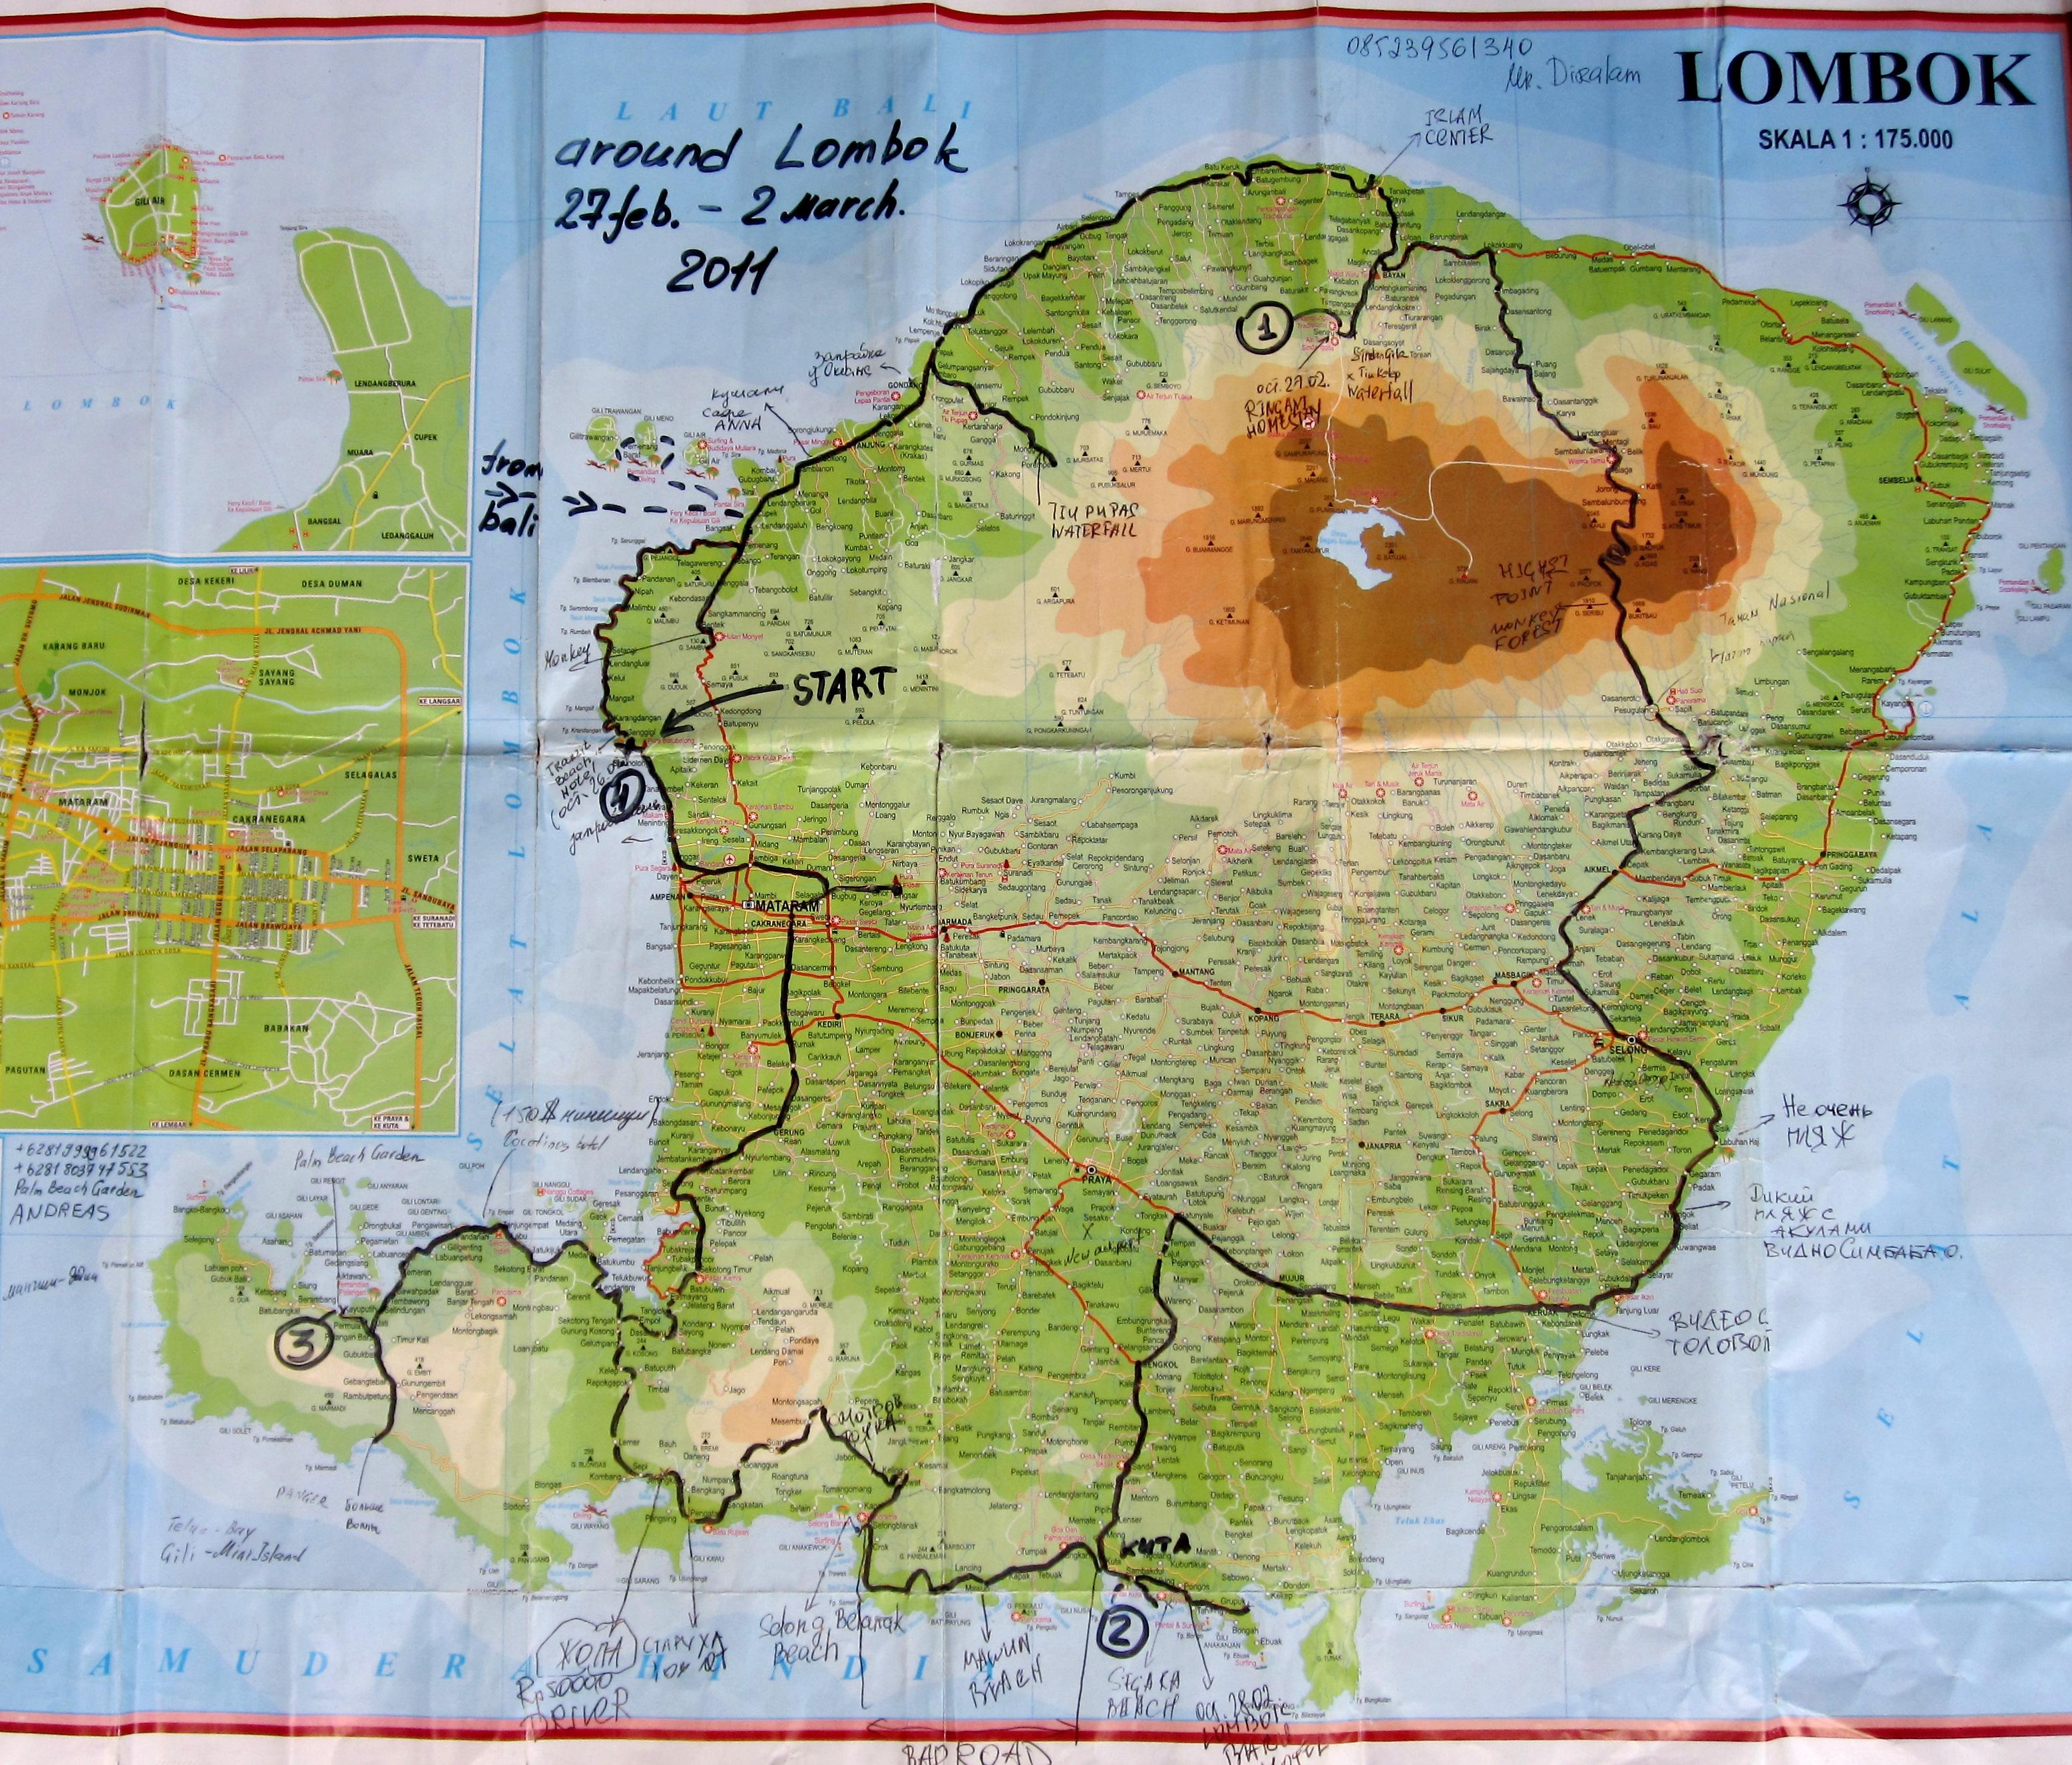 автомаршрут - за 4 дня вокруг Ломбока